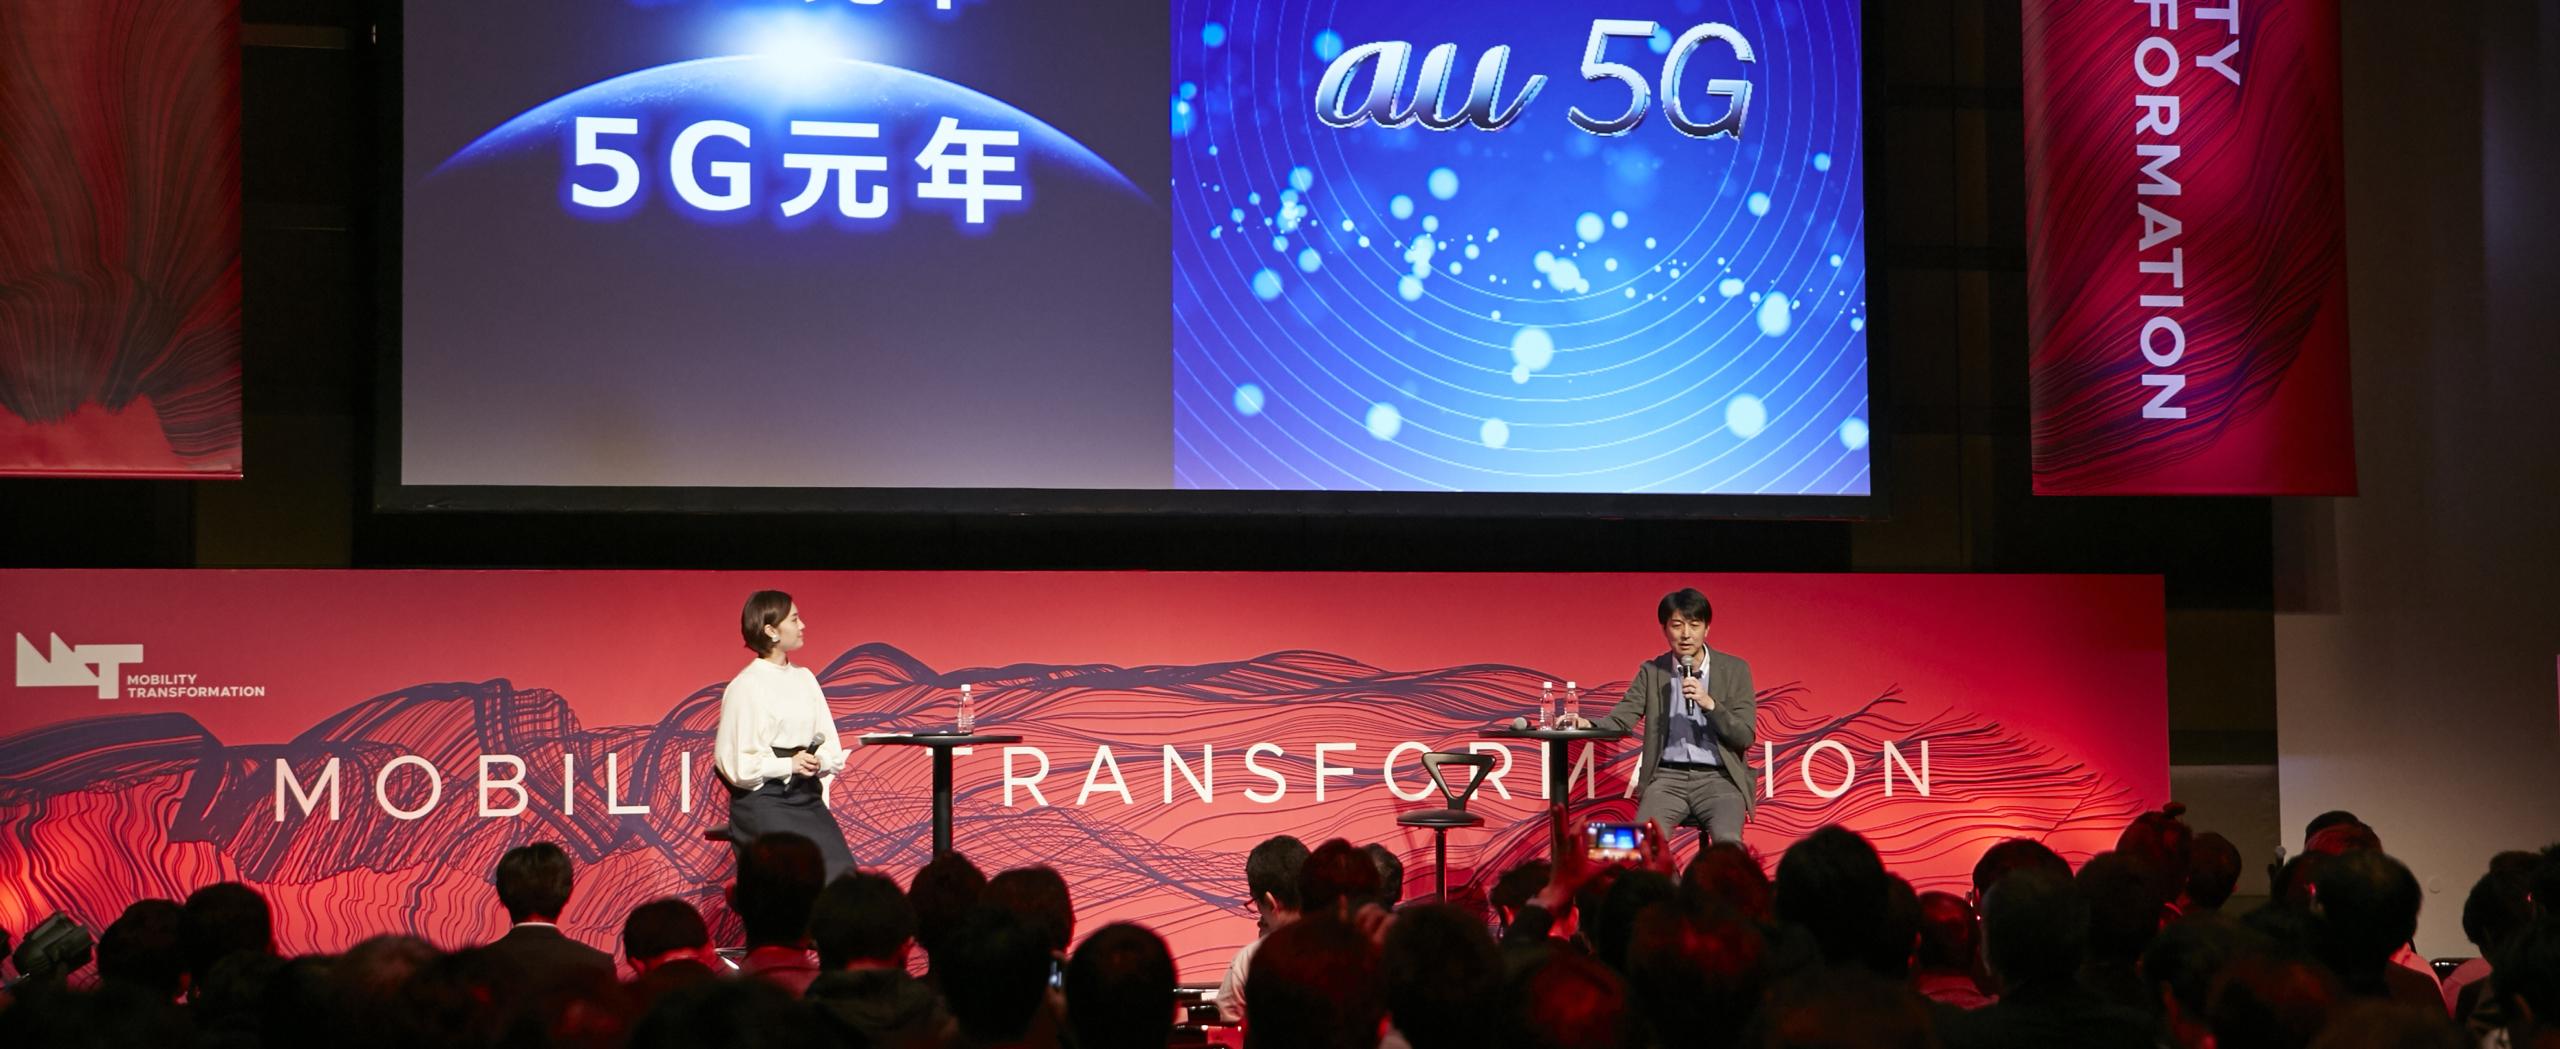 5Gで変わる都市と移動の未来